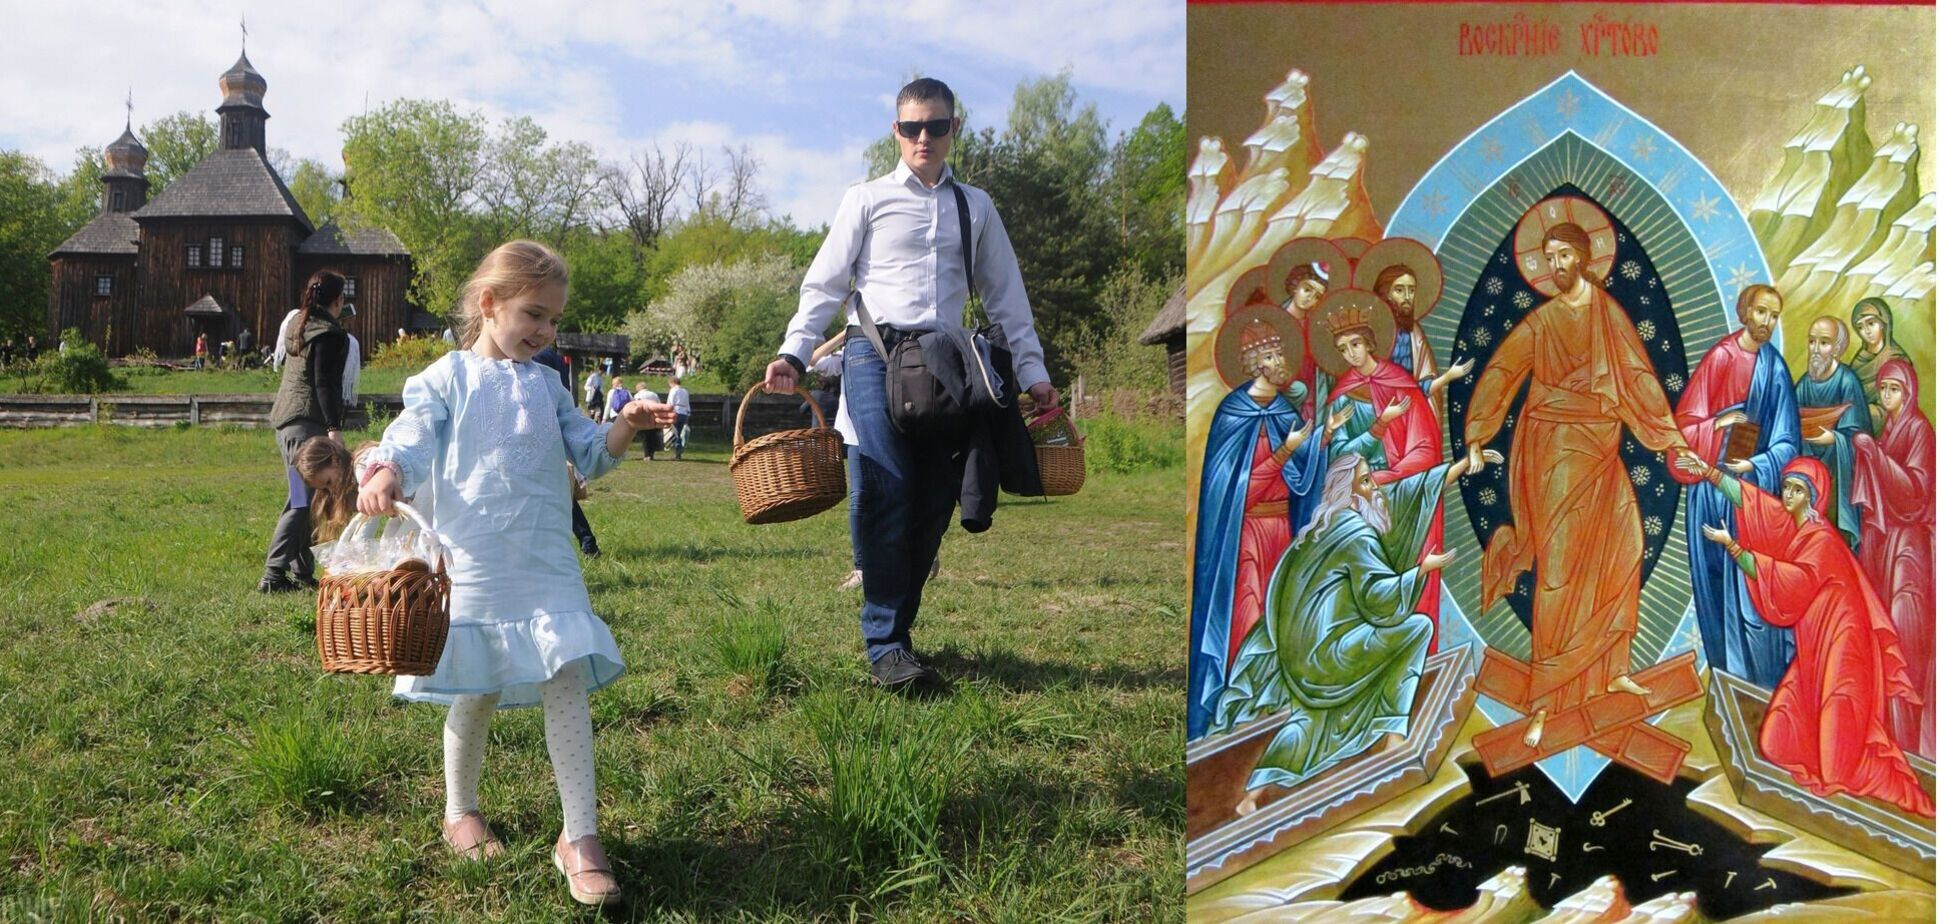 Великдень символізує радість Воскресіння Ісуса Христа, перехід від смерті до життя, від землі до неба